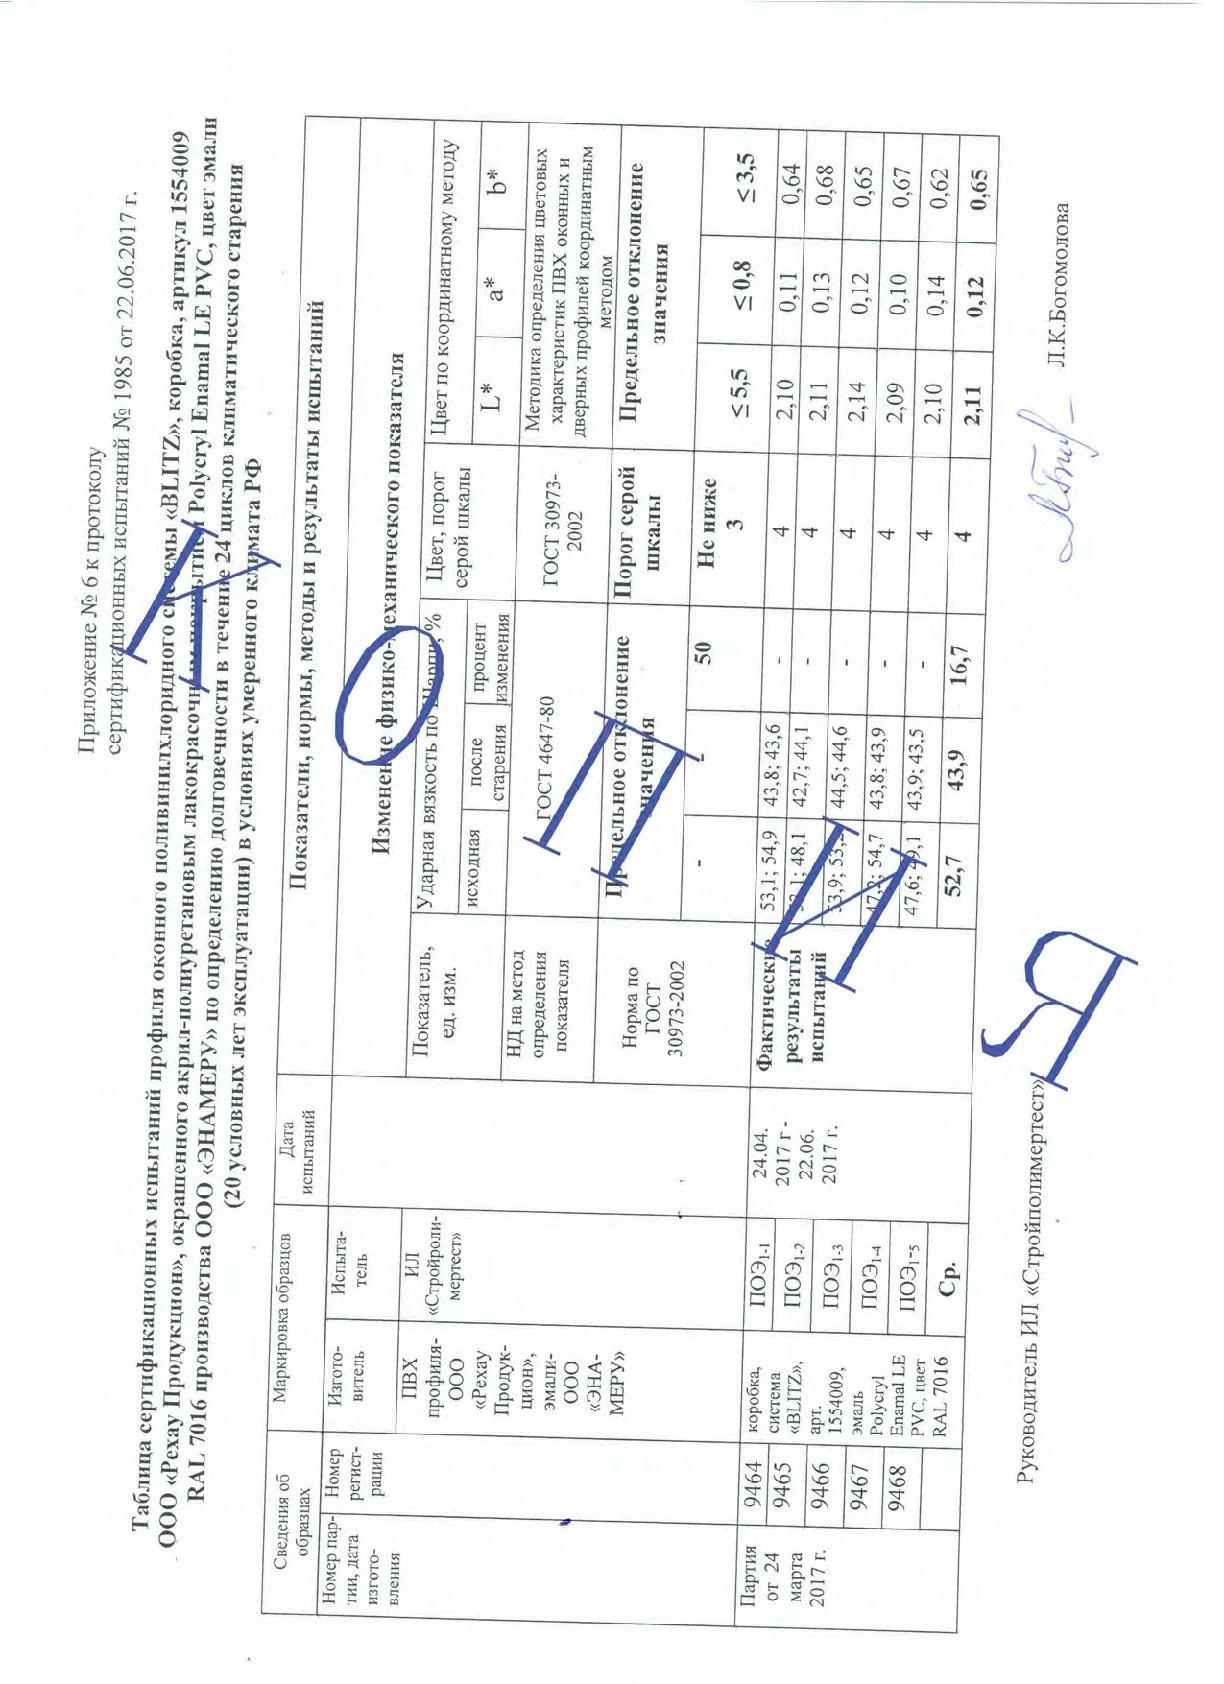 enameru-gost-30973-rehau-copy-010